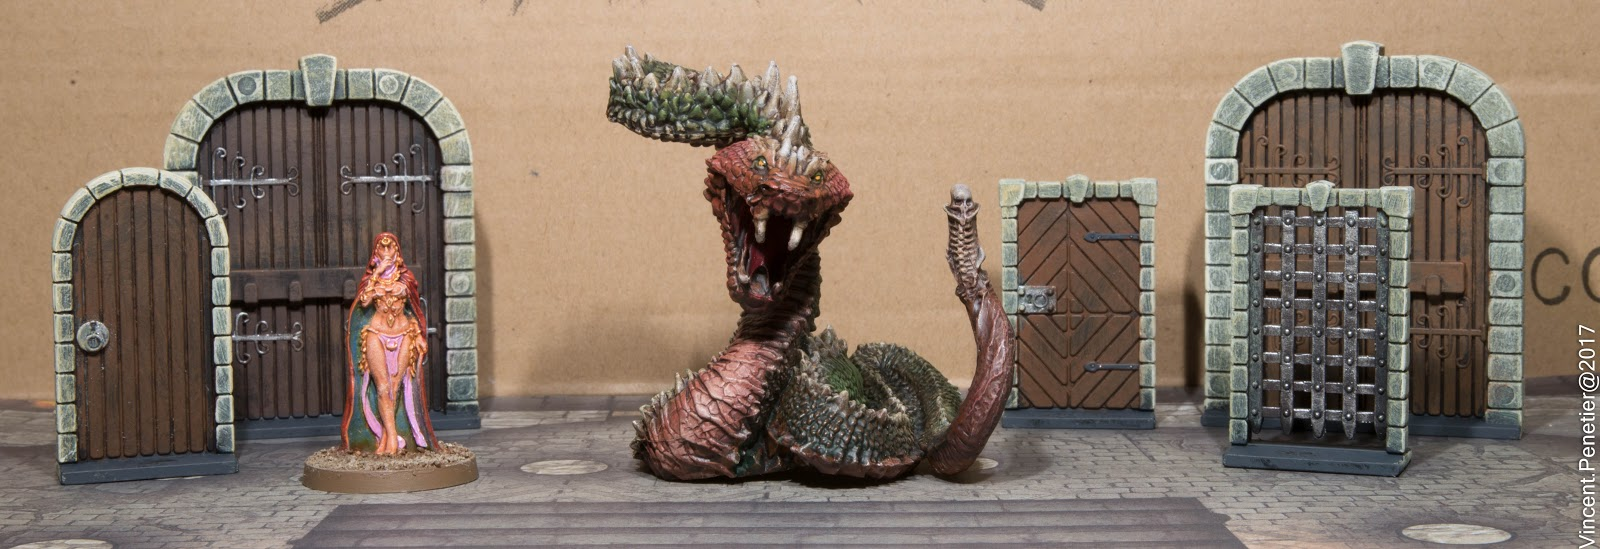 V1nce webplace pom d fi peinture avec conan en avant - Peinture effet serpent ...